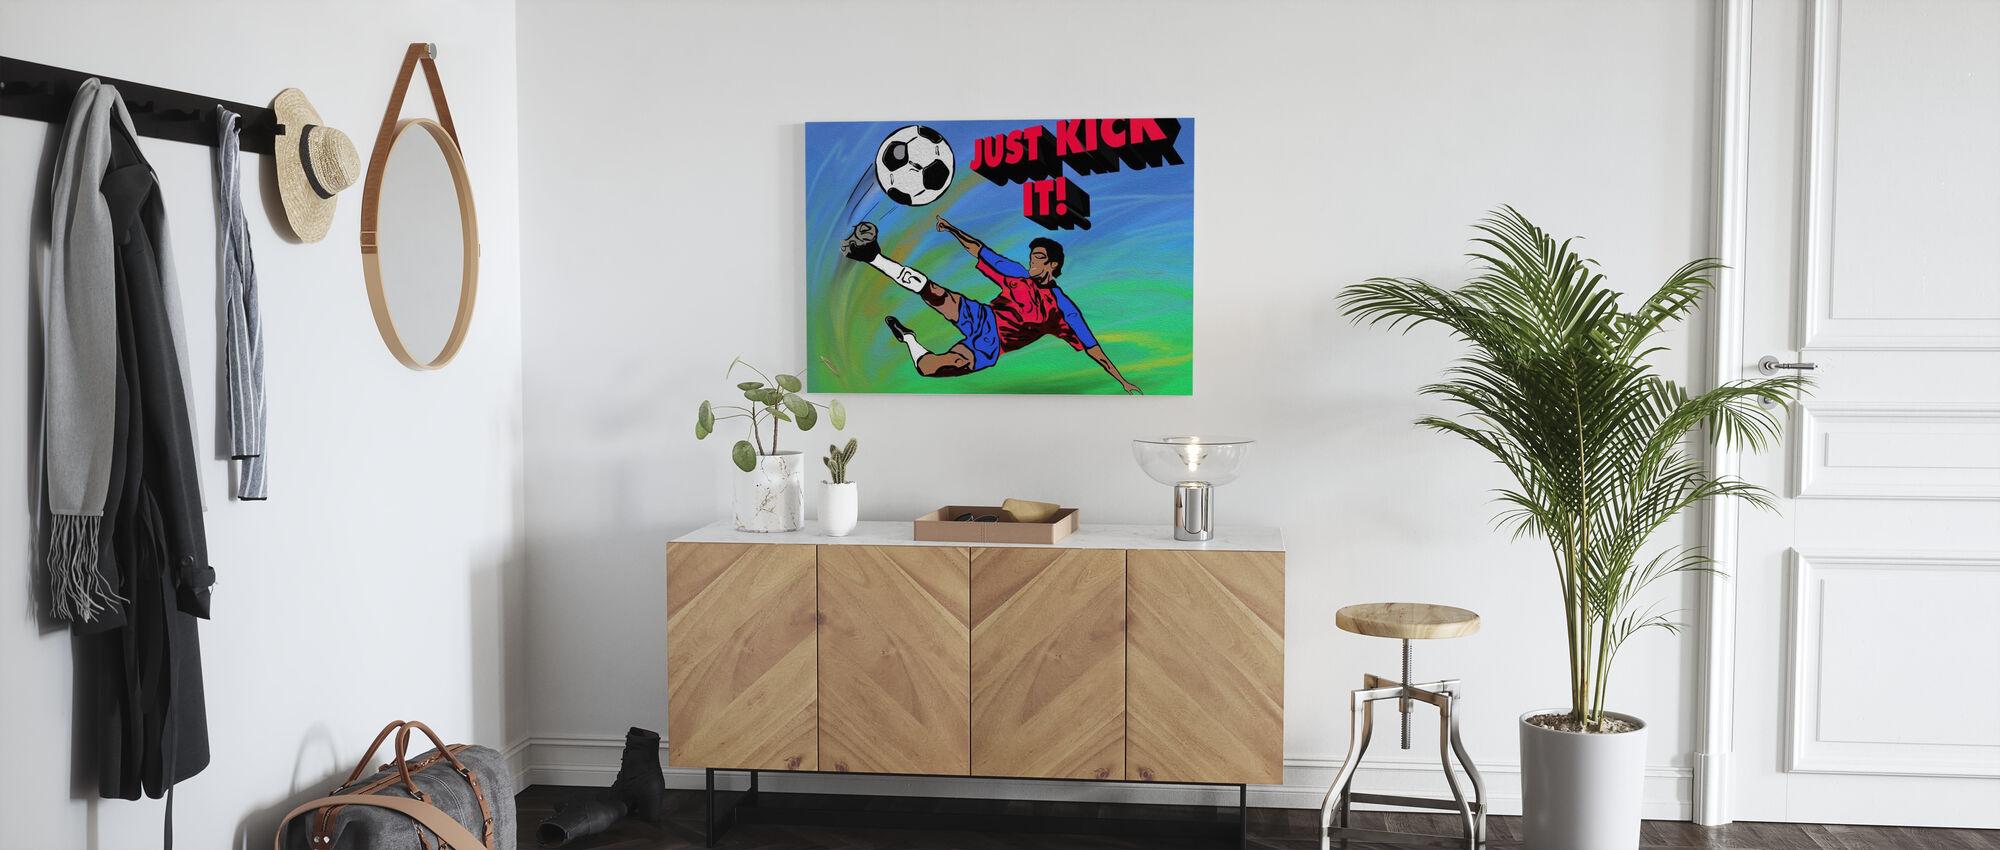 Just Kick It - Canvas print - Hallway